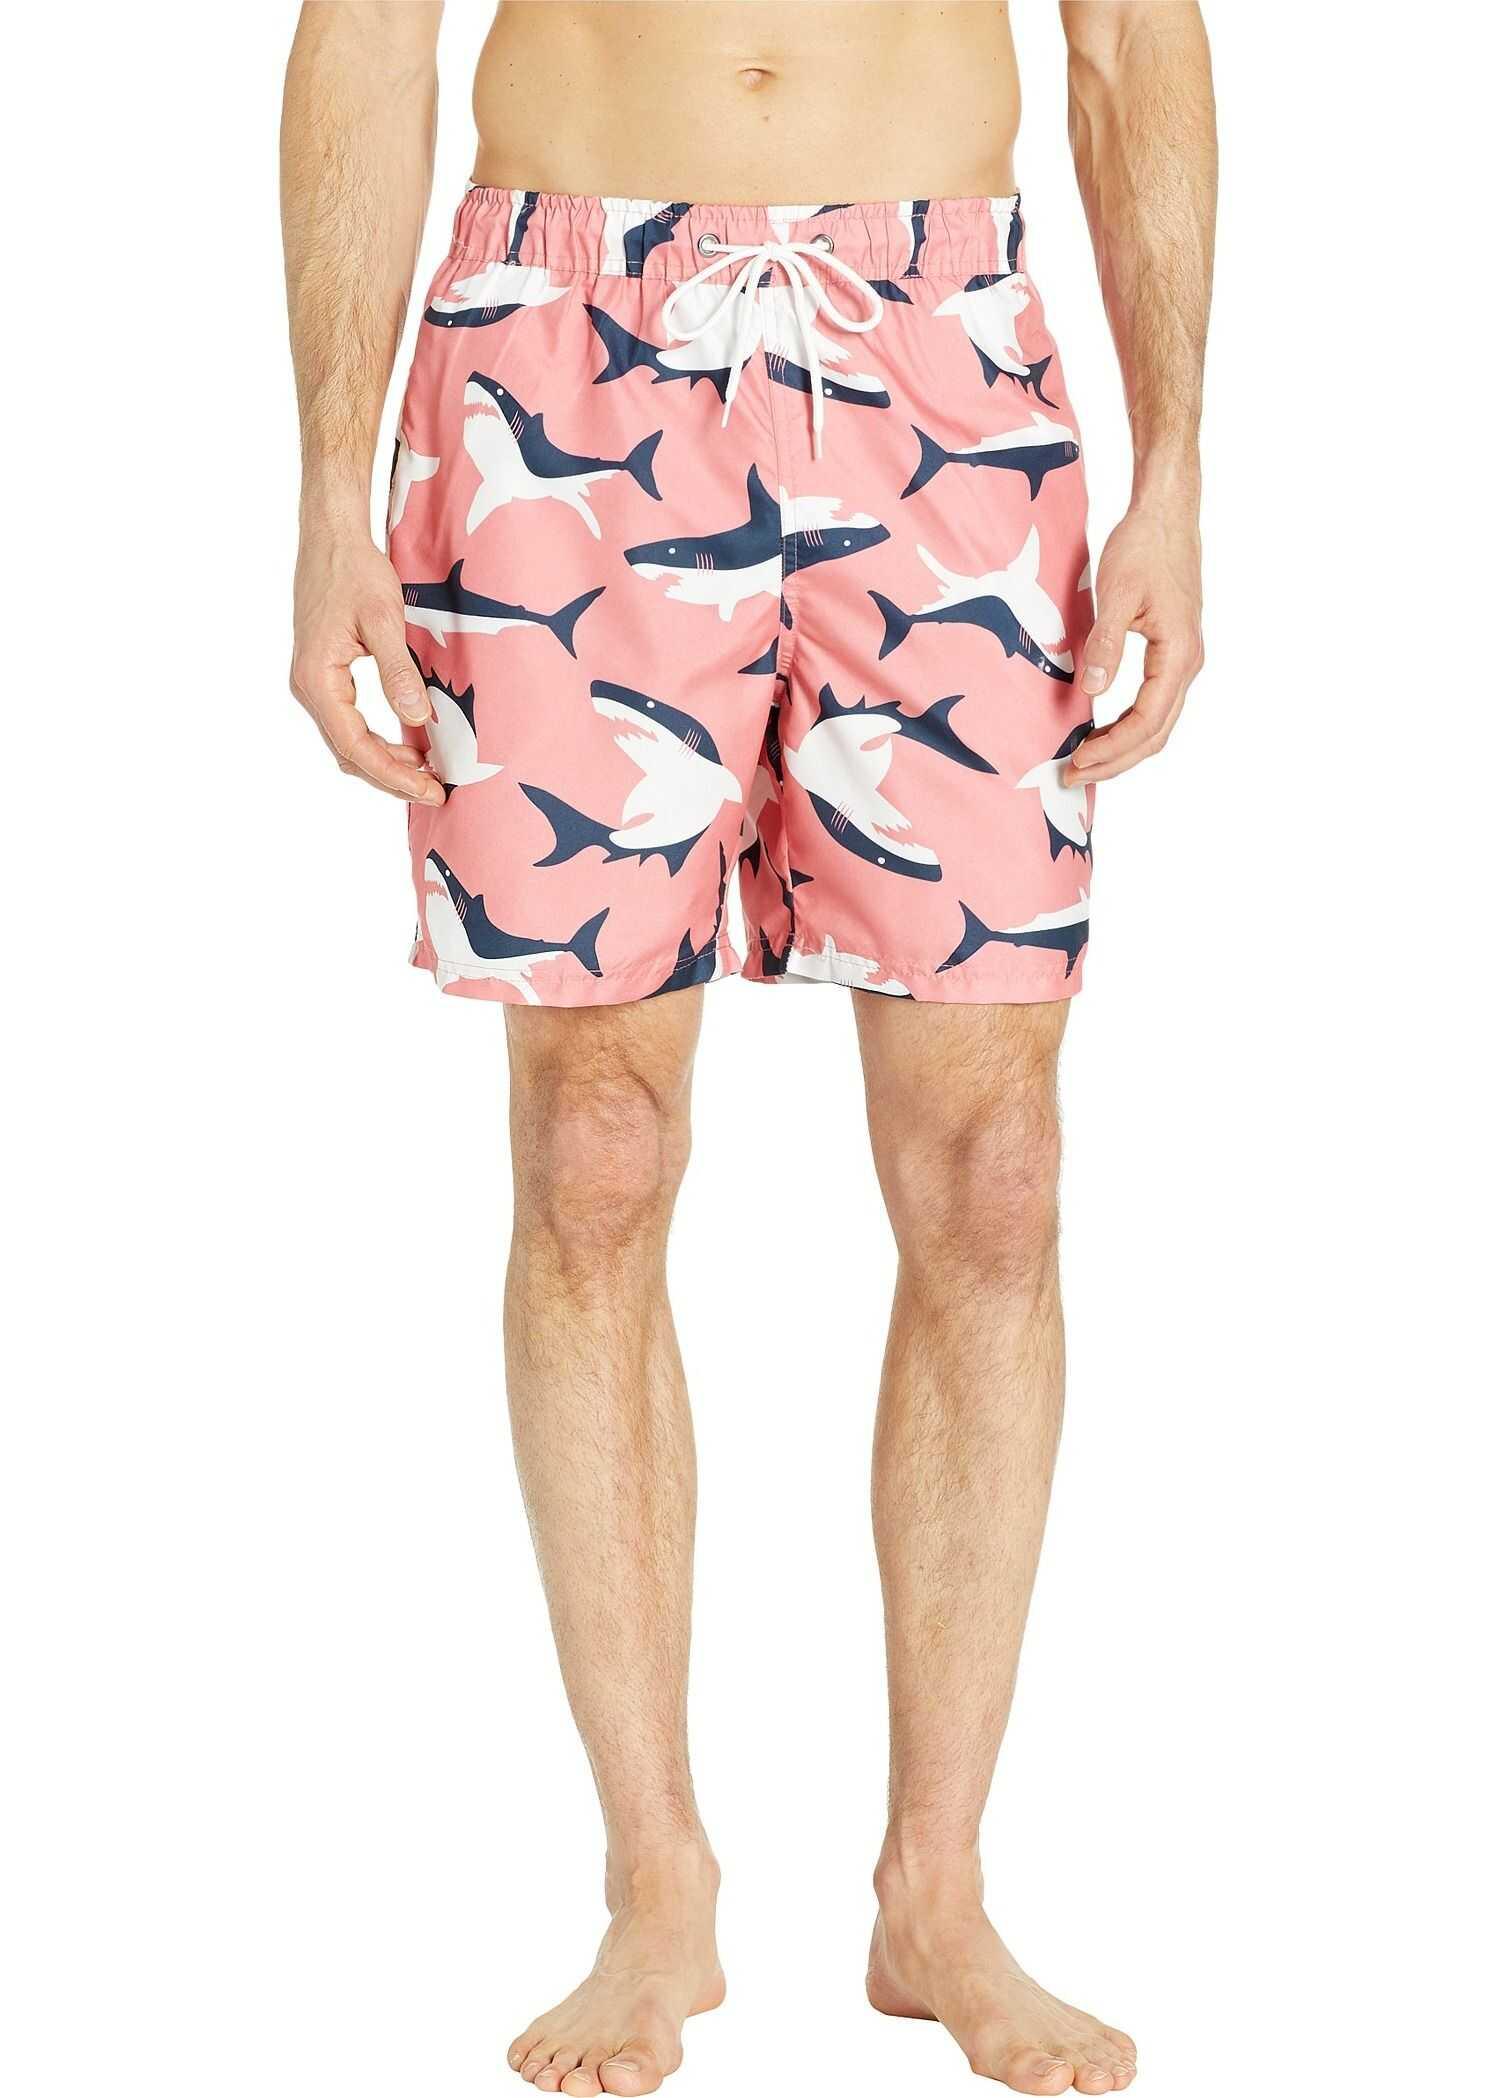 U.S. POLO ASSN. Shark Swim Shorts Coral